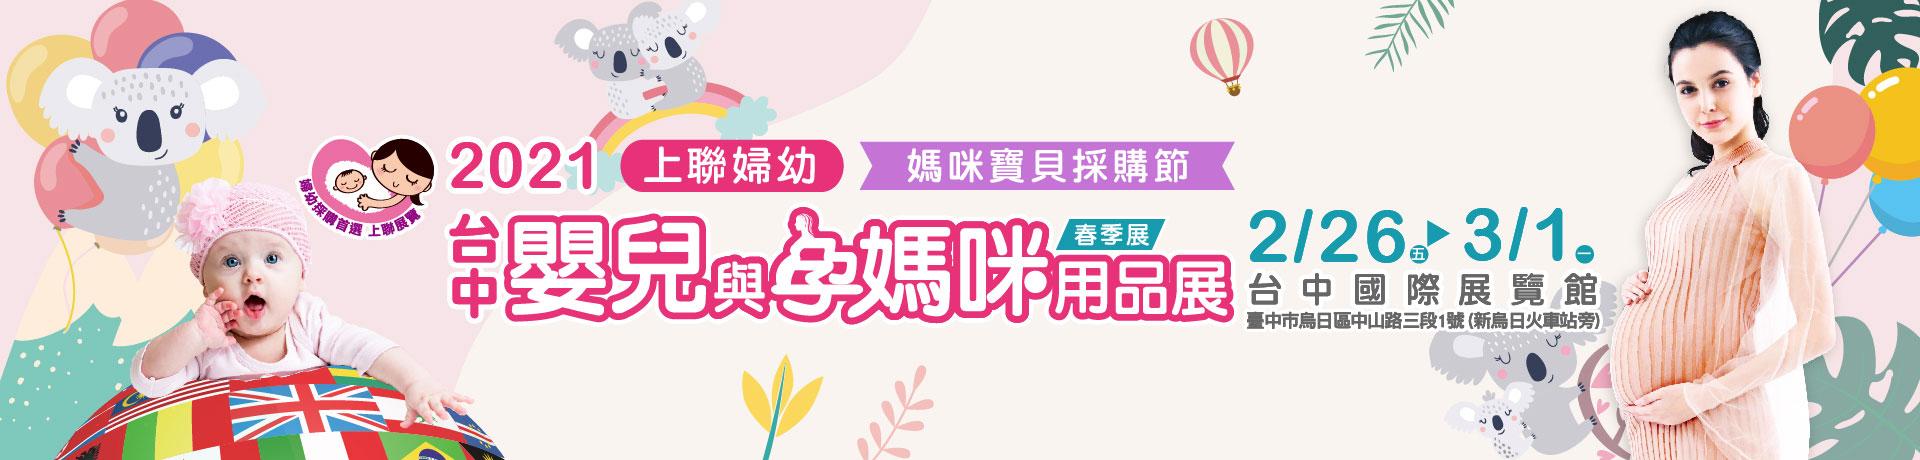 2021台中嬰兒與孕媽咪用品展暨兒童博覽會(春季展)